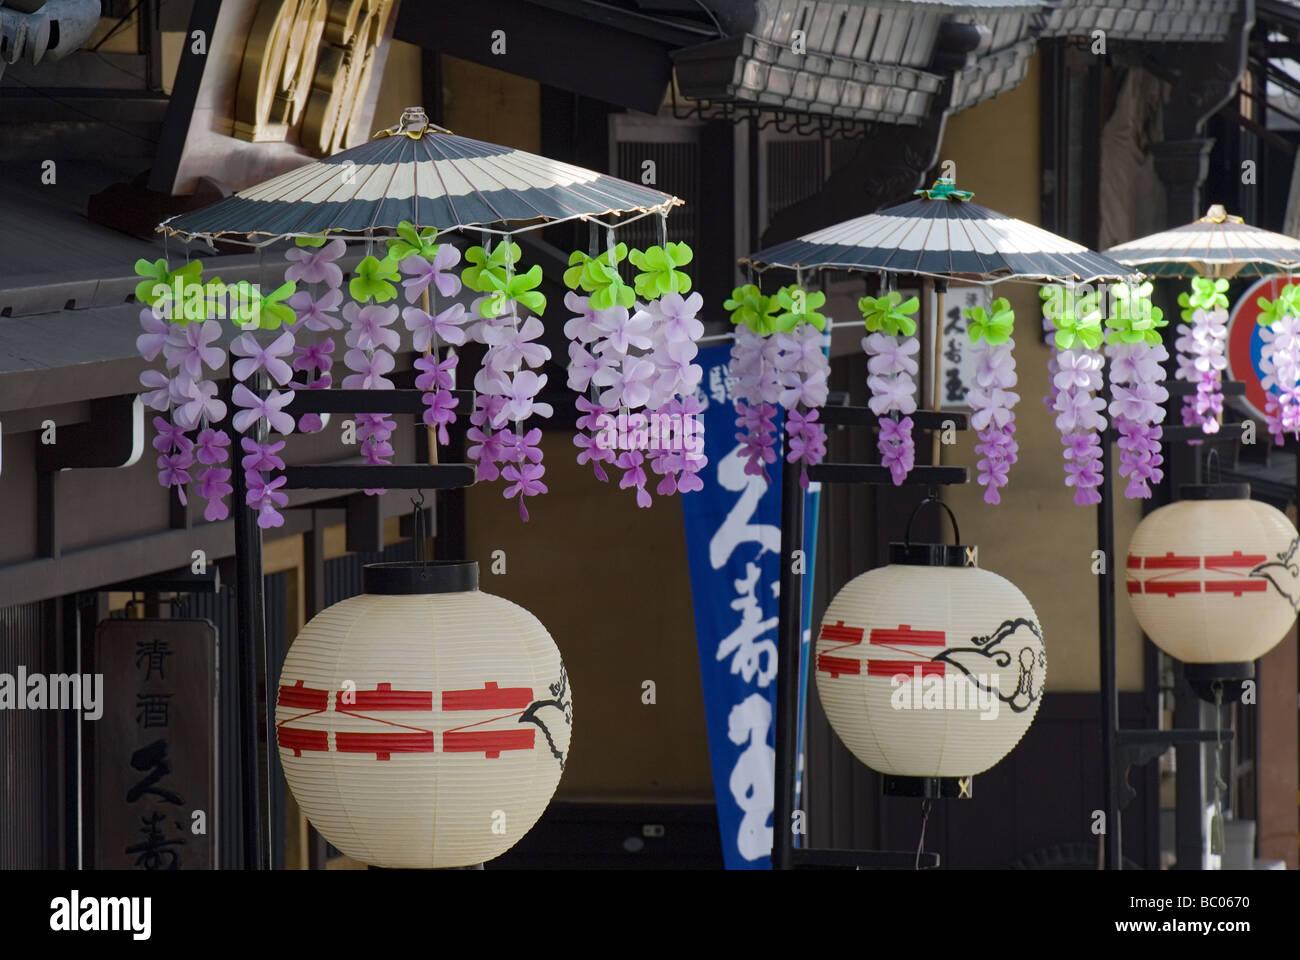 Traditionelle Papierlaternen mit Blume verziert Sonnenschirme entlang einer Straße in Takayama Japan während Stockbild